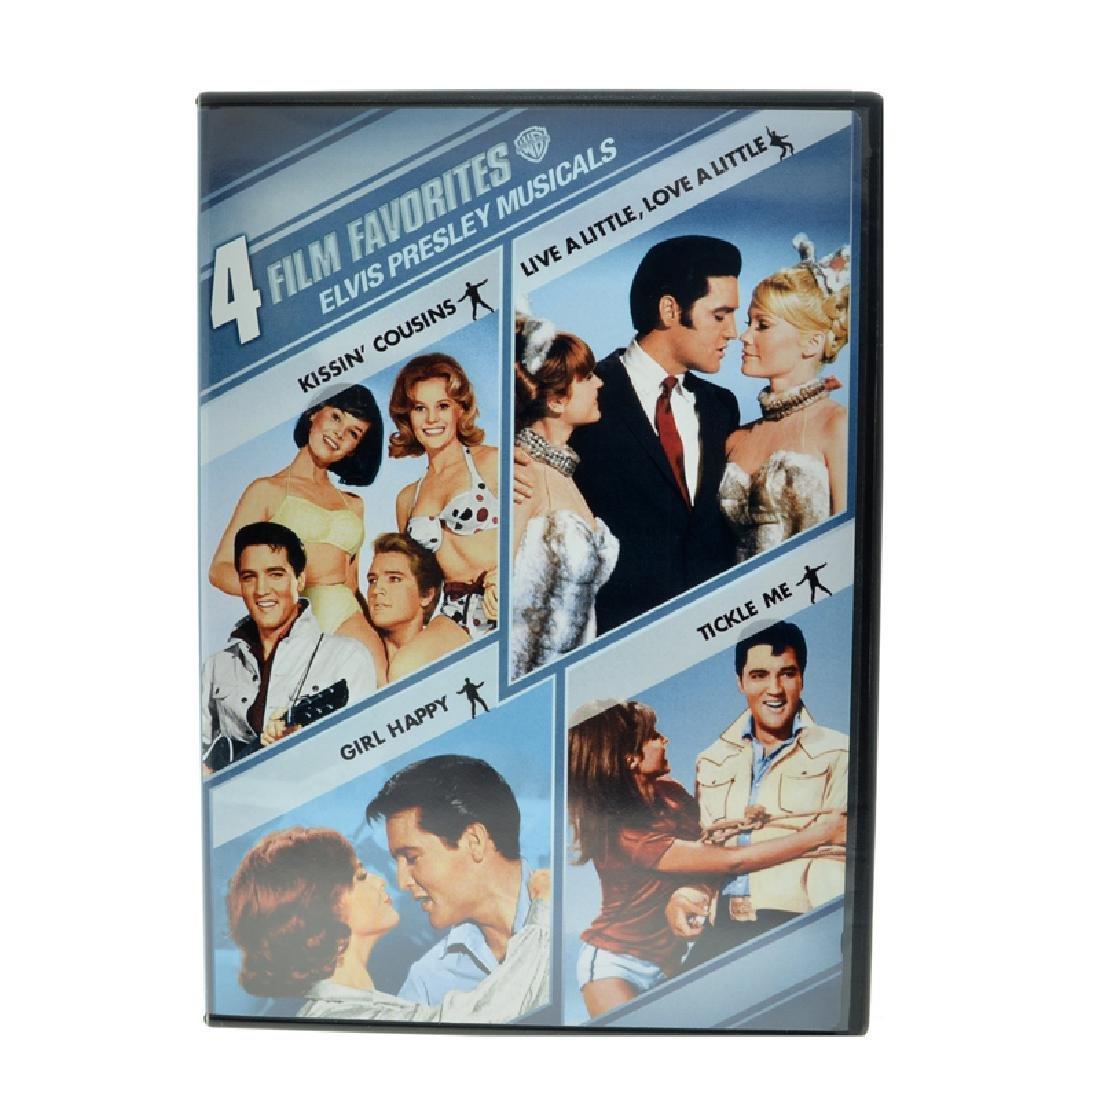 Elvis Presley Movie: 4 Film Of Elvis Musicals